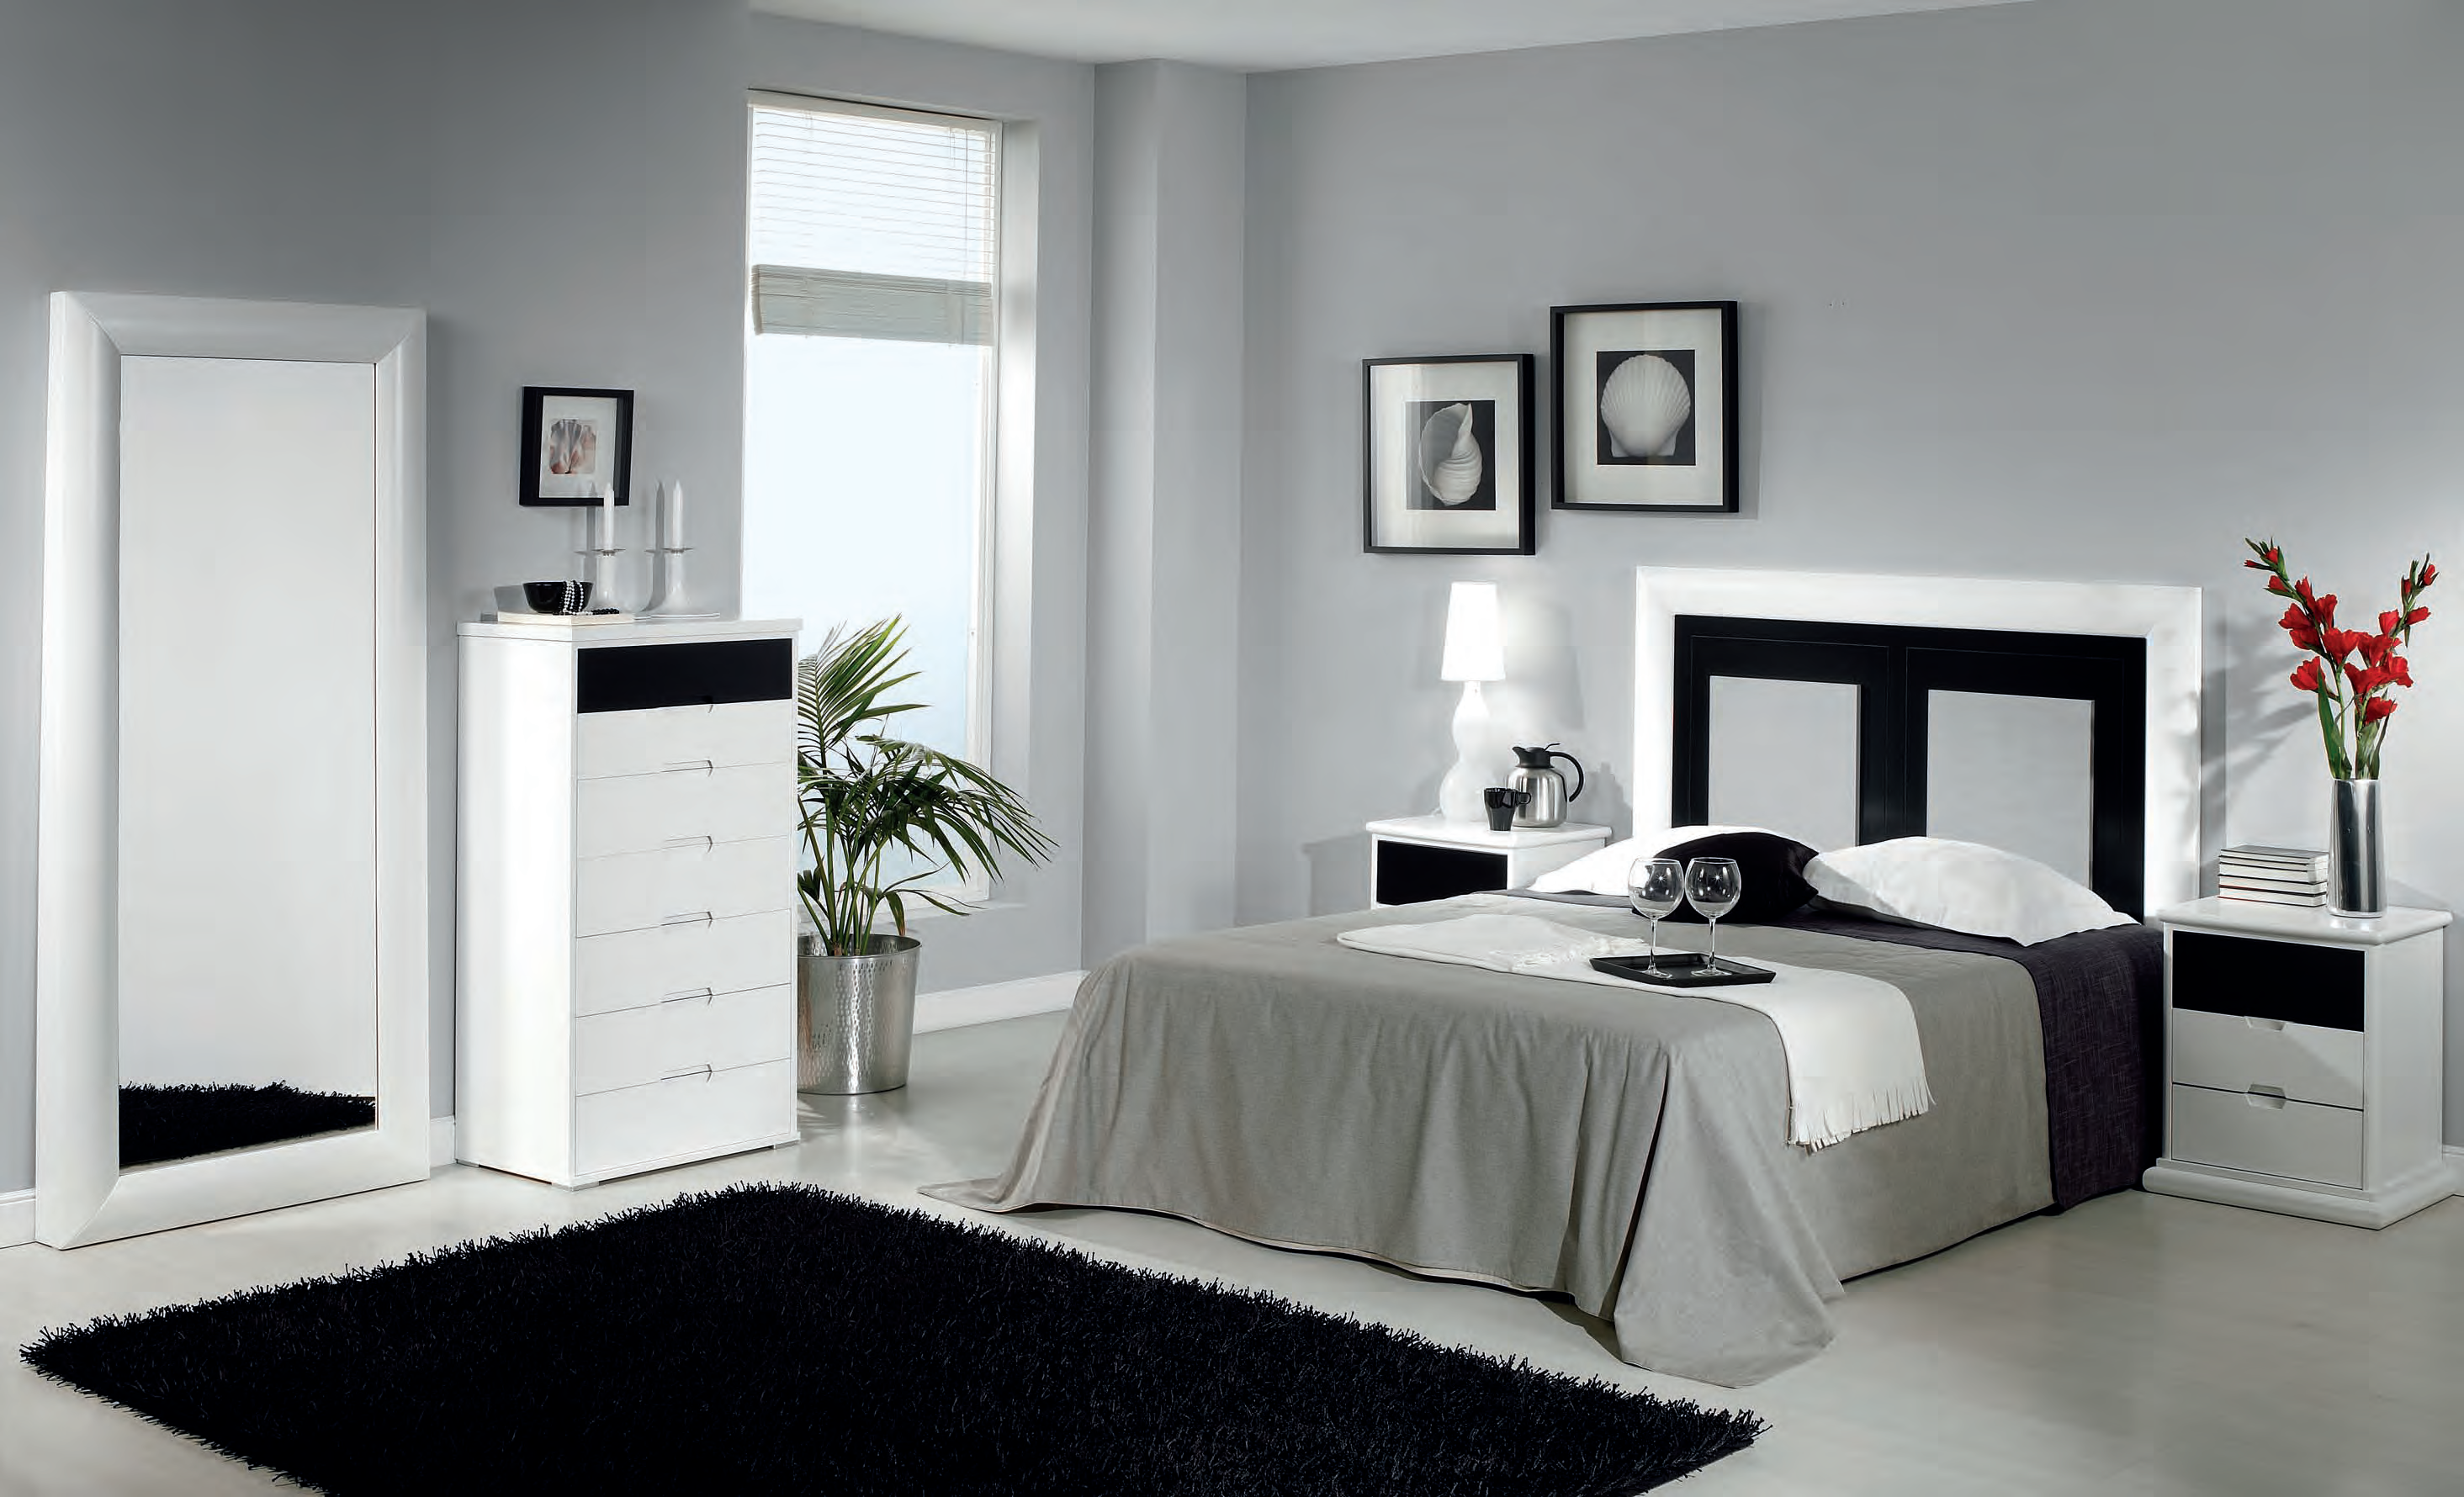 Espejo de pie orion muebles adama tienda de muebles en for Espejo de pie dormitorio